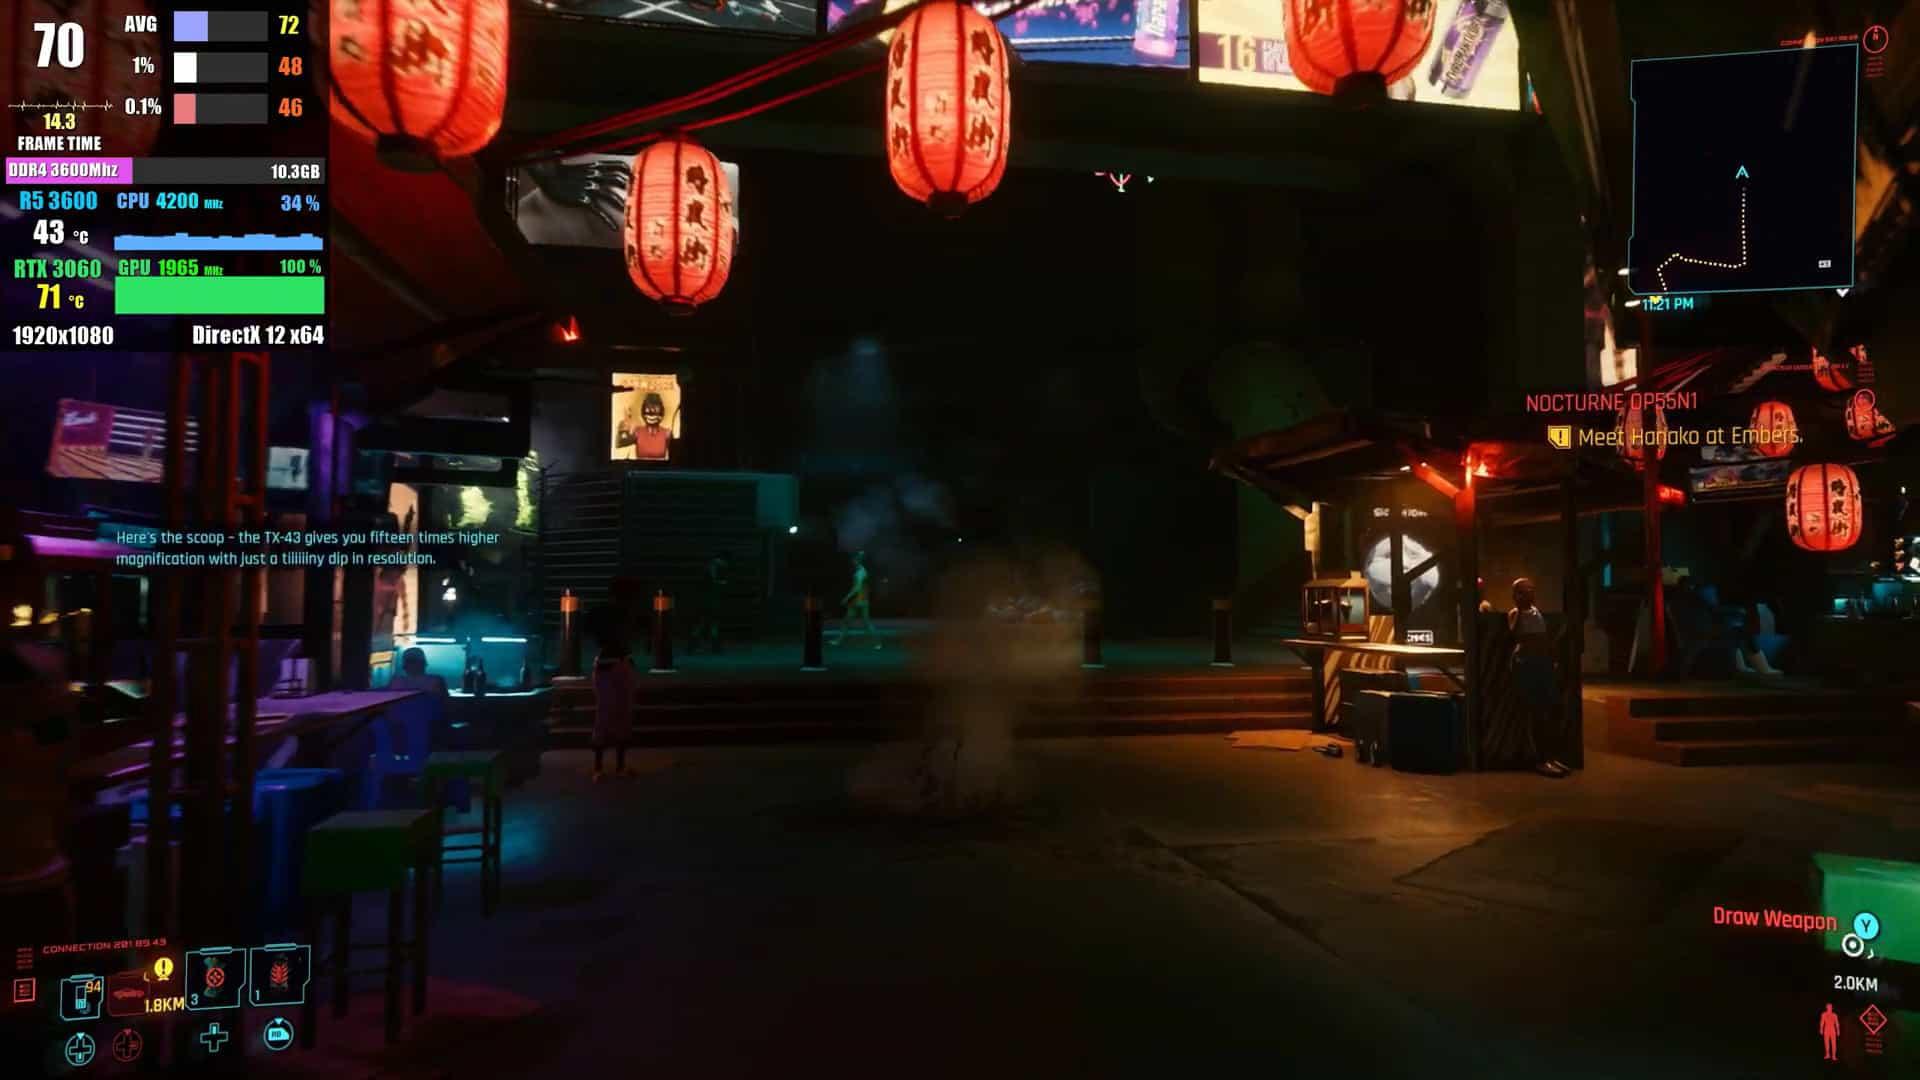 사이버펑크 2077 1080p에서 70프레임 이상을 보였다